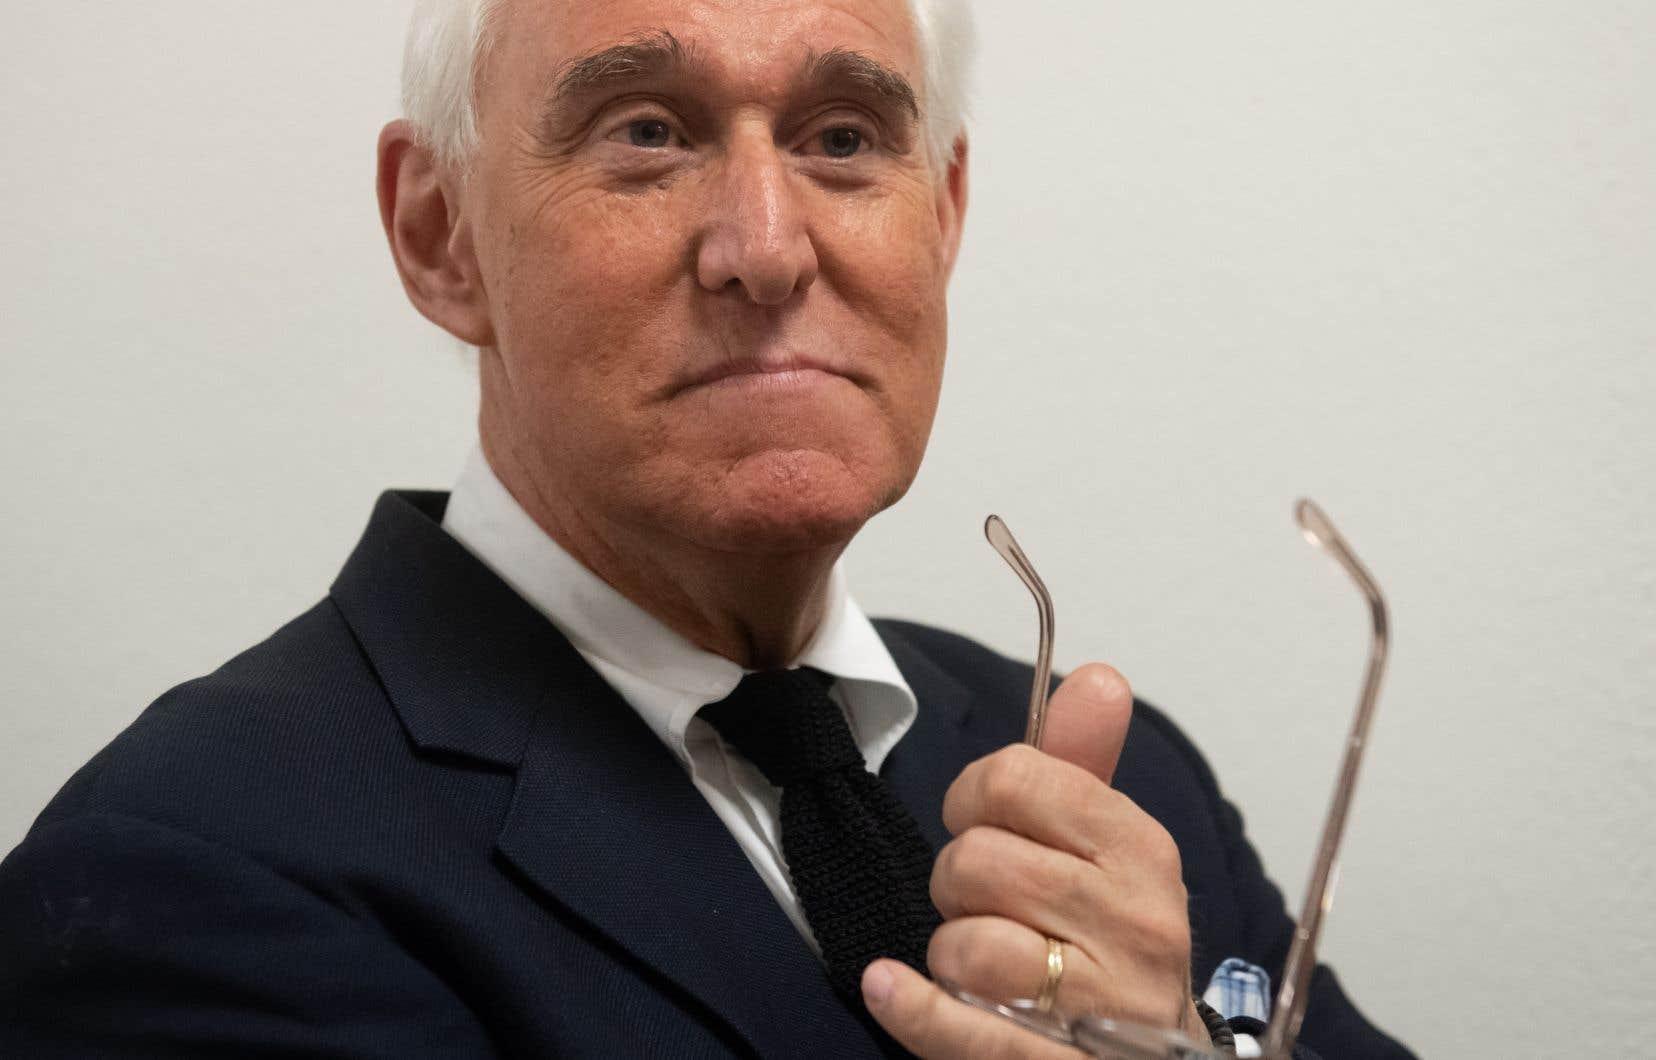 Roger Stone, allié et conseiller de longue date de Donald Trump